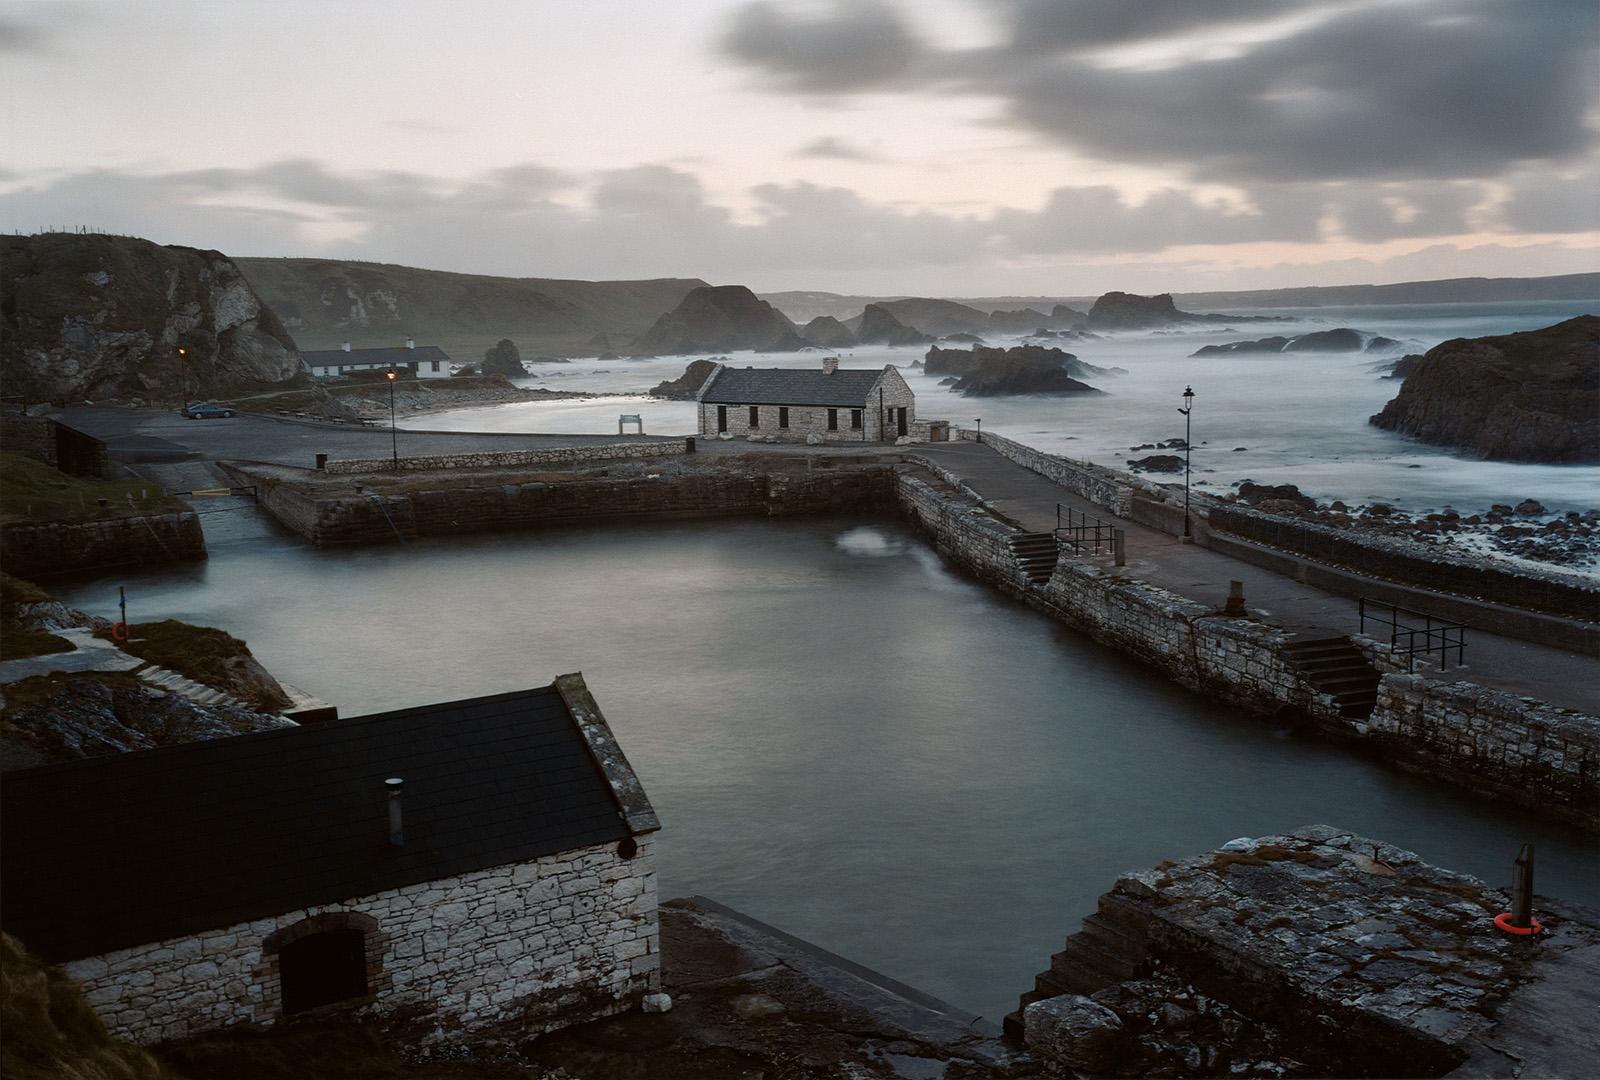 heikeollertz_irland_ ballintoy_harbour